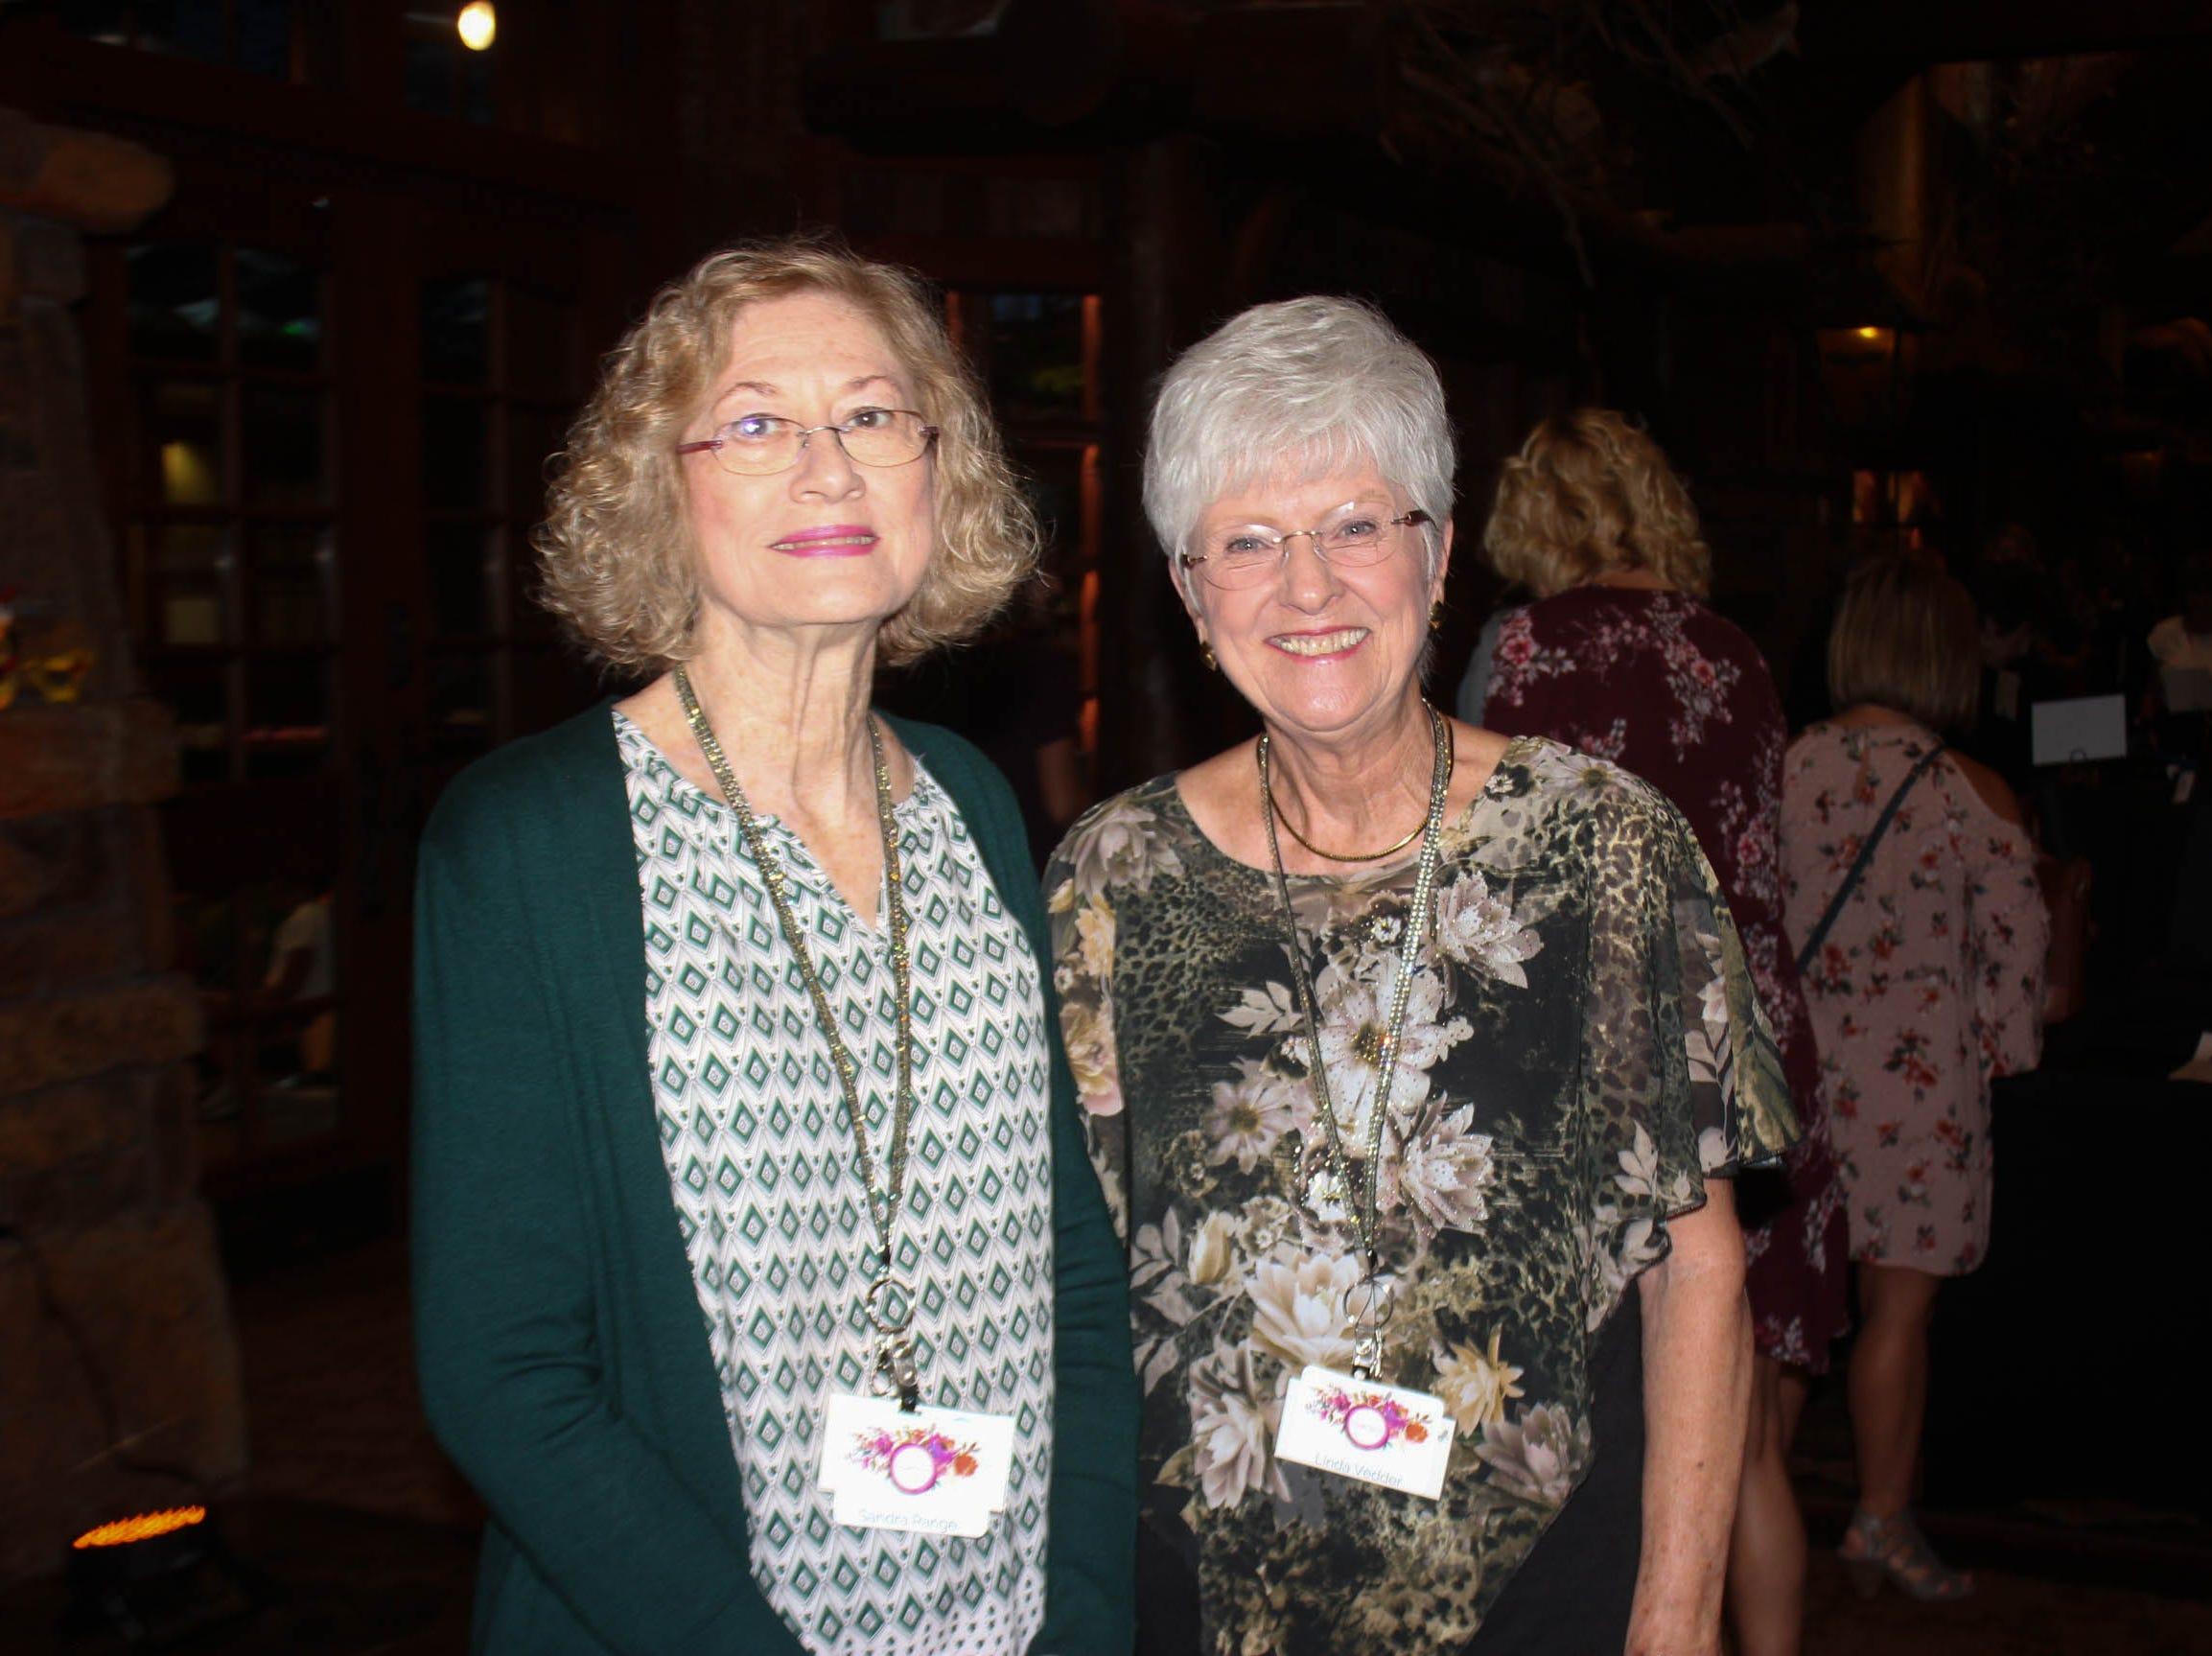 Sandra Range and Linda Vedder